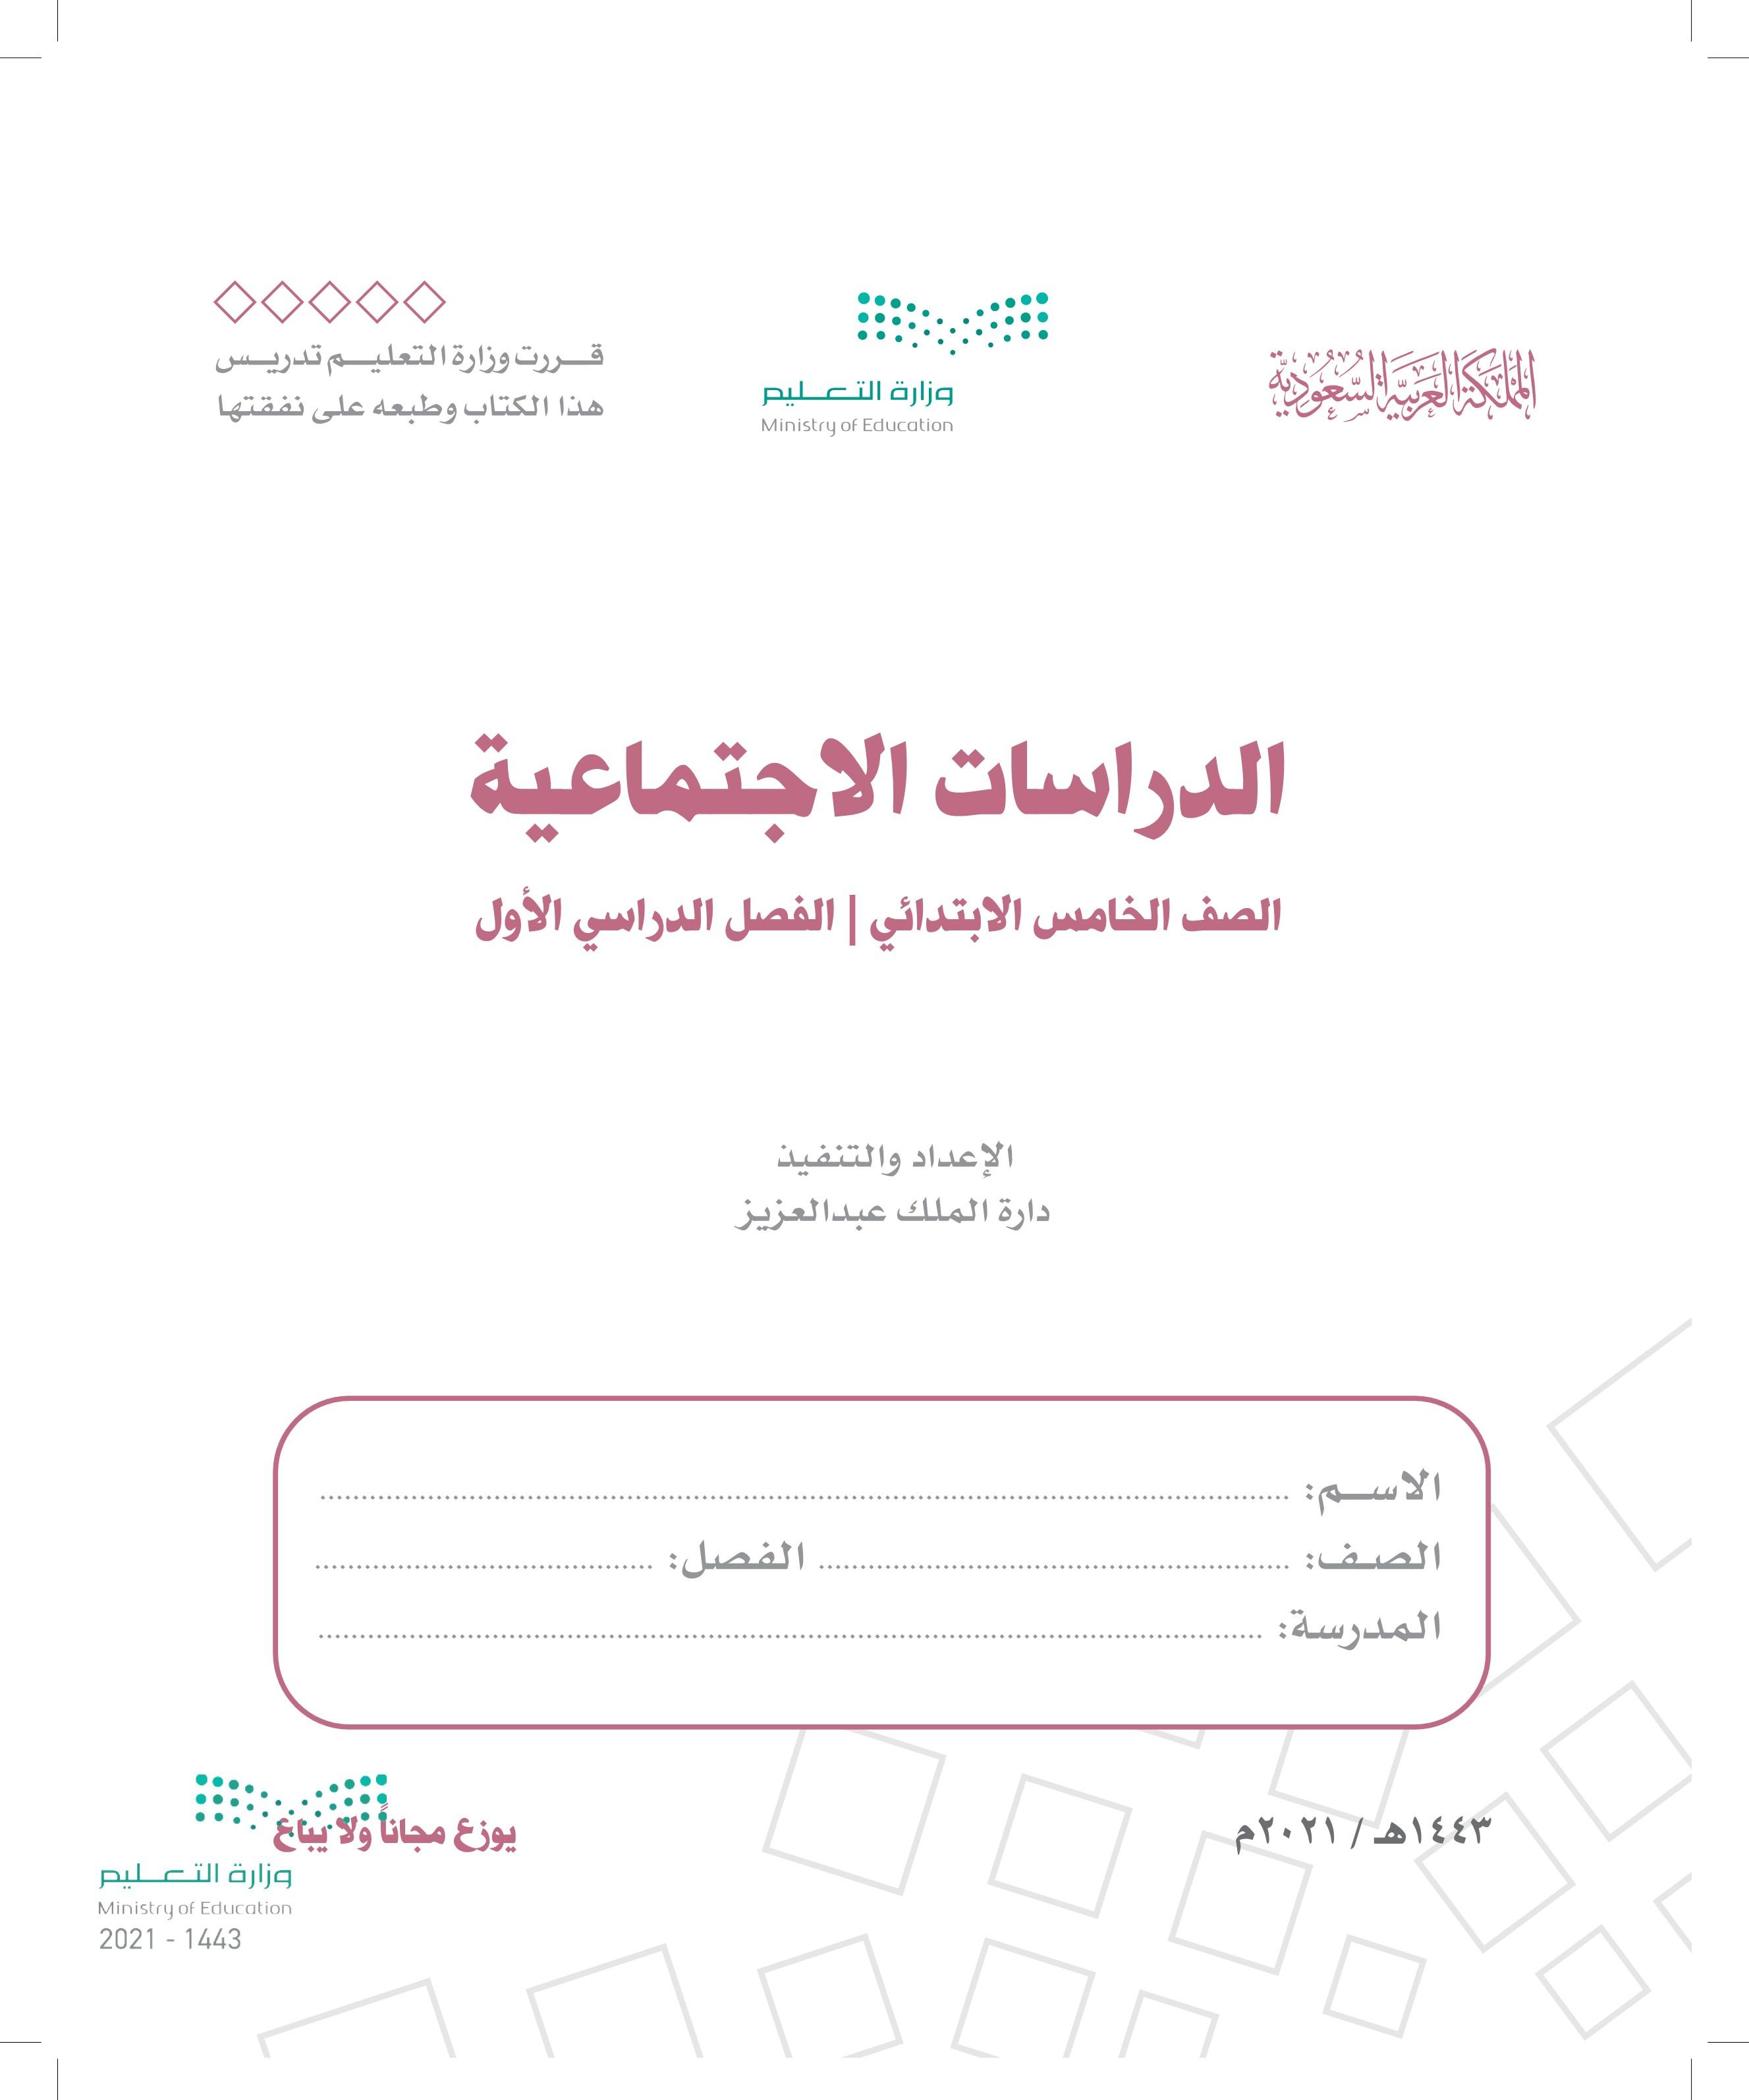 الدراسات-الاجتماعية-والمواطنة-الفصل-الأول